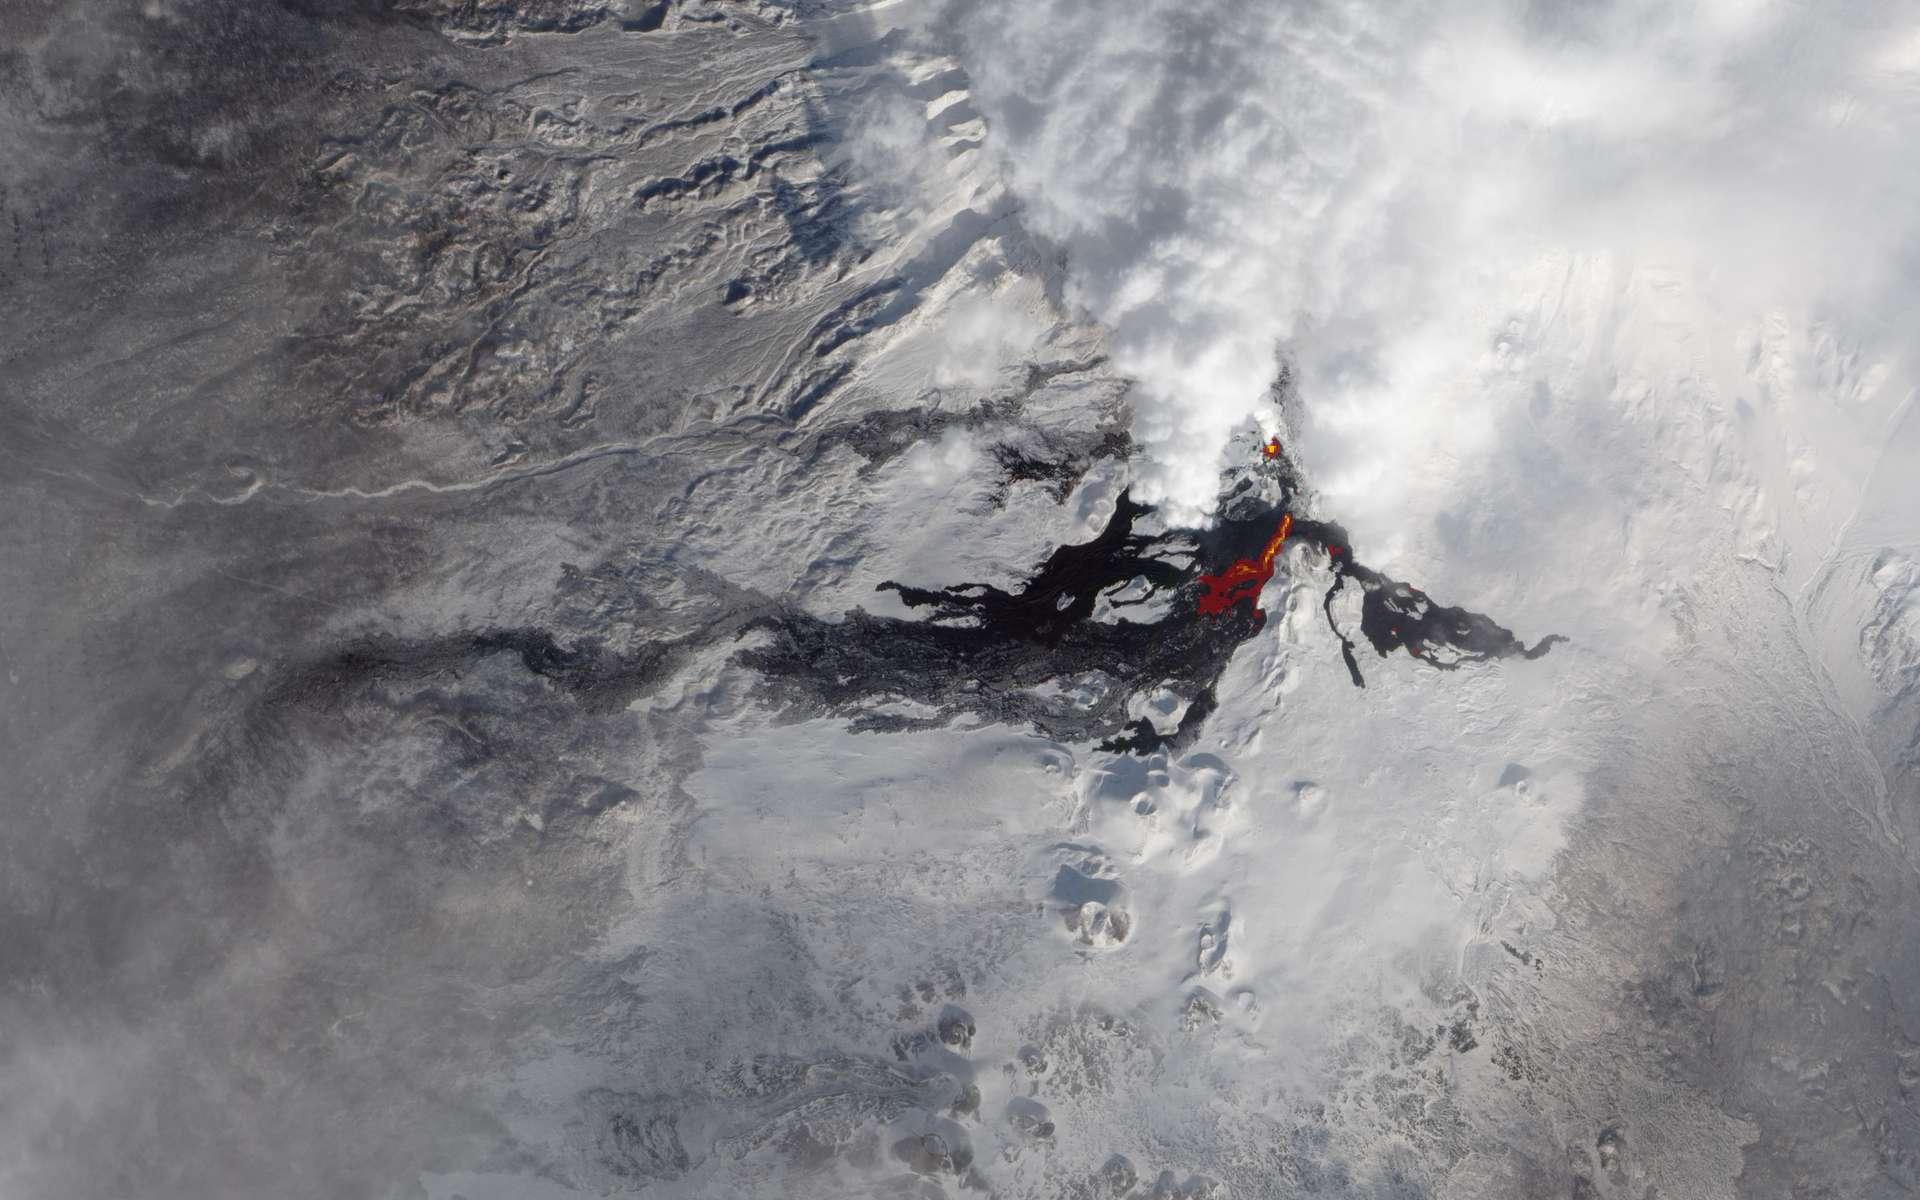 Éruption du volcan Tolbachik, dans la péninsule du Kamtchatka en Russie. © Nasa